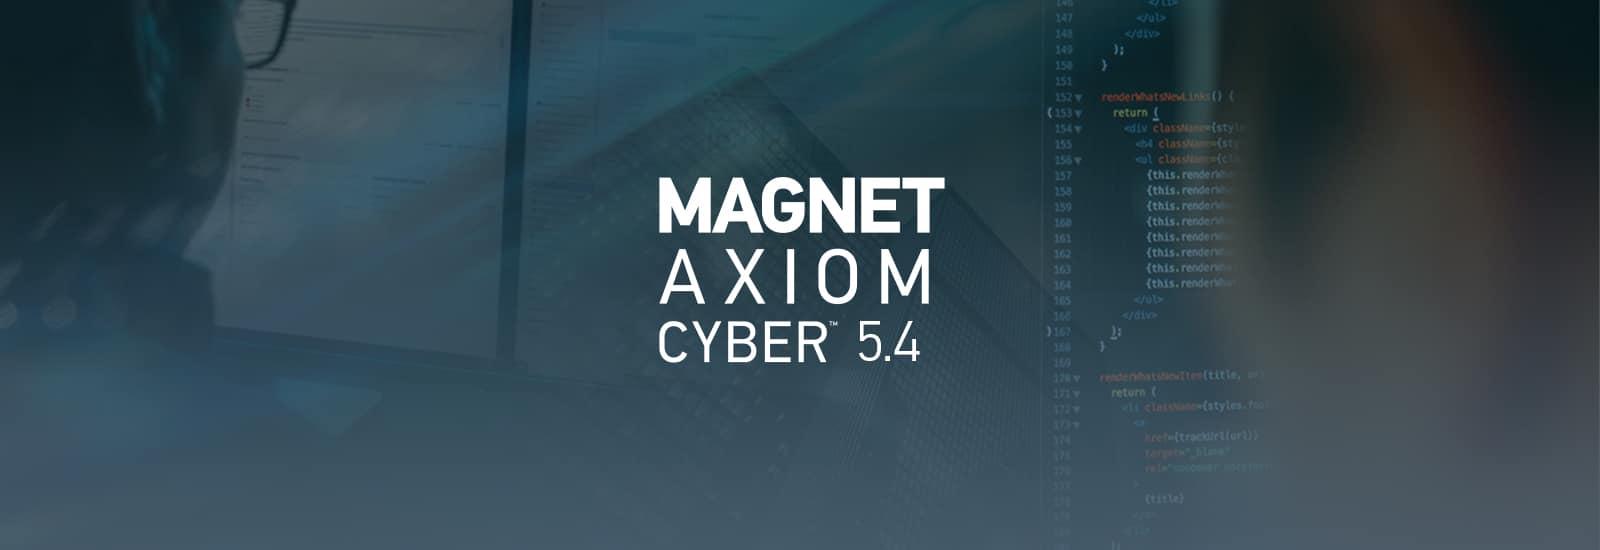 AXIOM Cyber 5.4